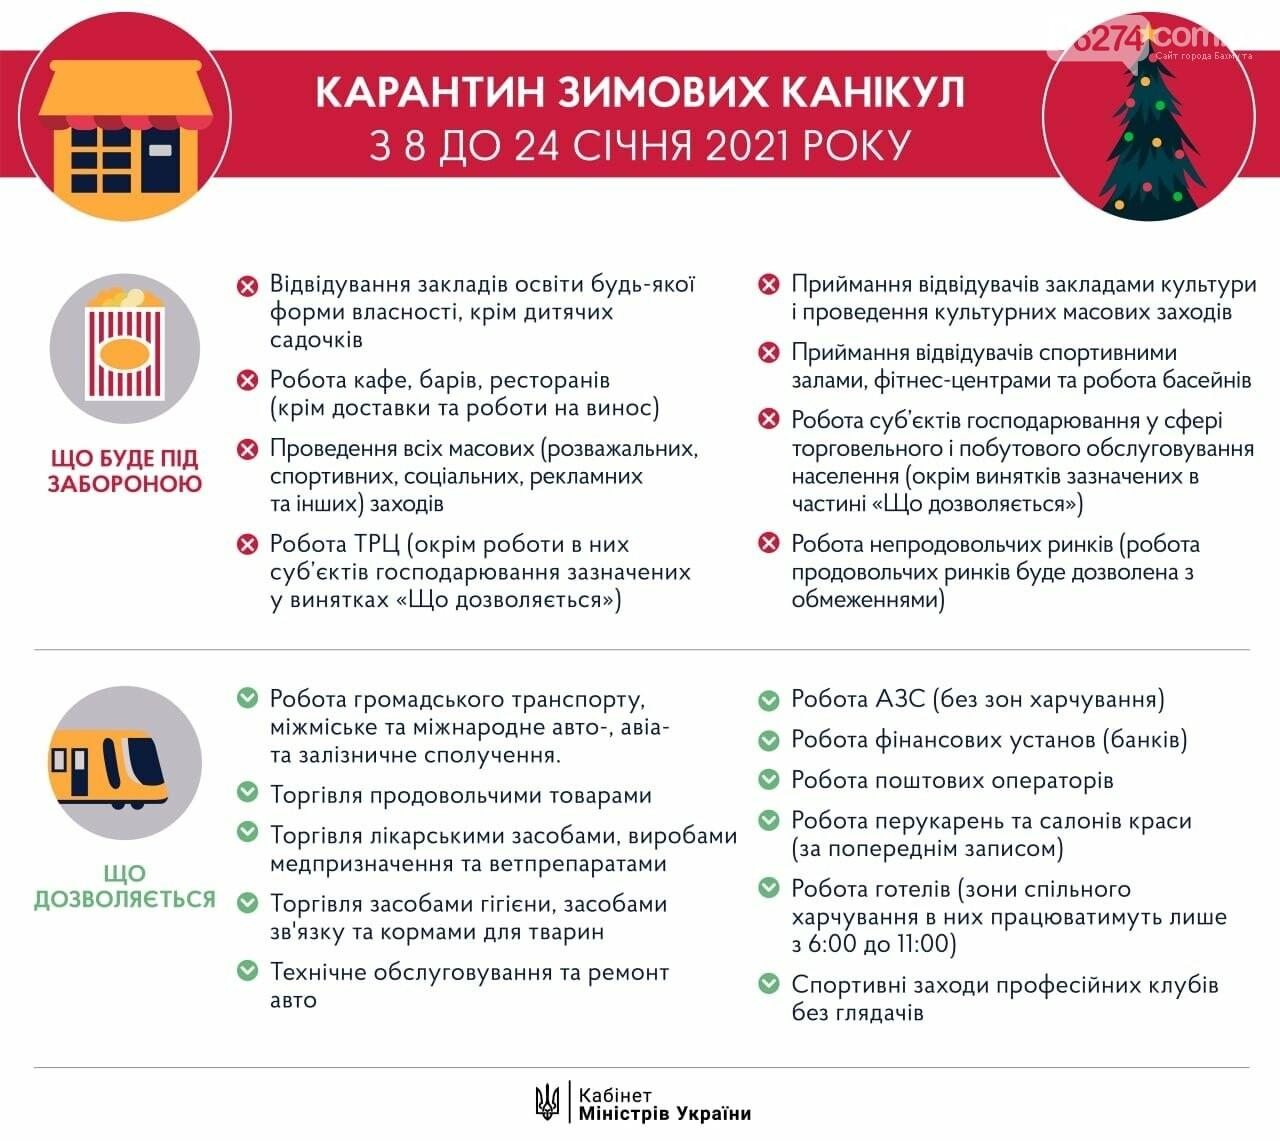 Карантин в Украине продлили до 28 февраля, на 16 дней введут жесткий локдаун, фото-1